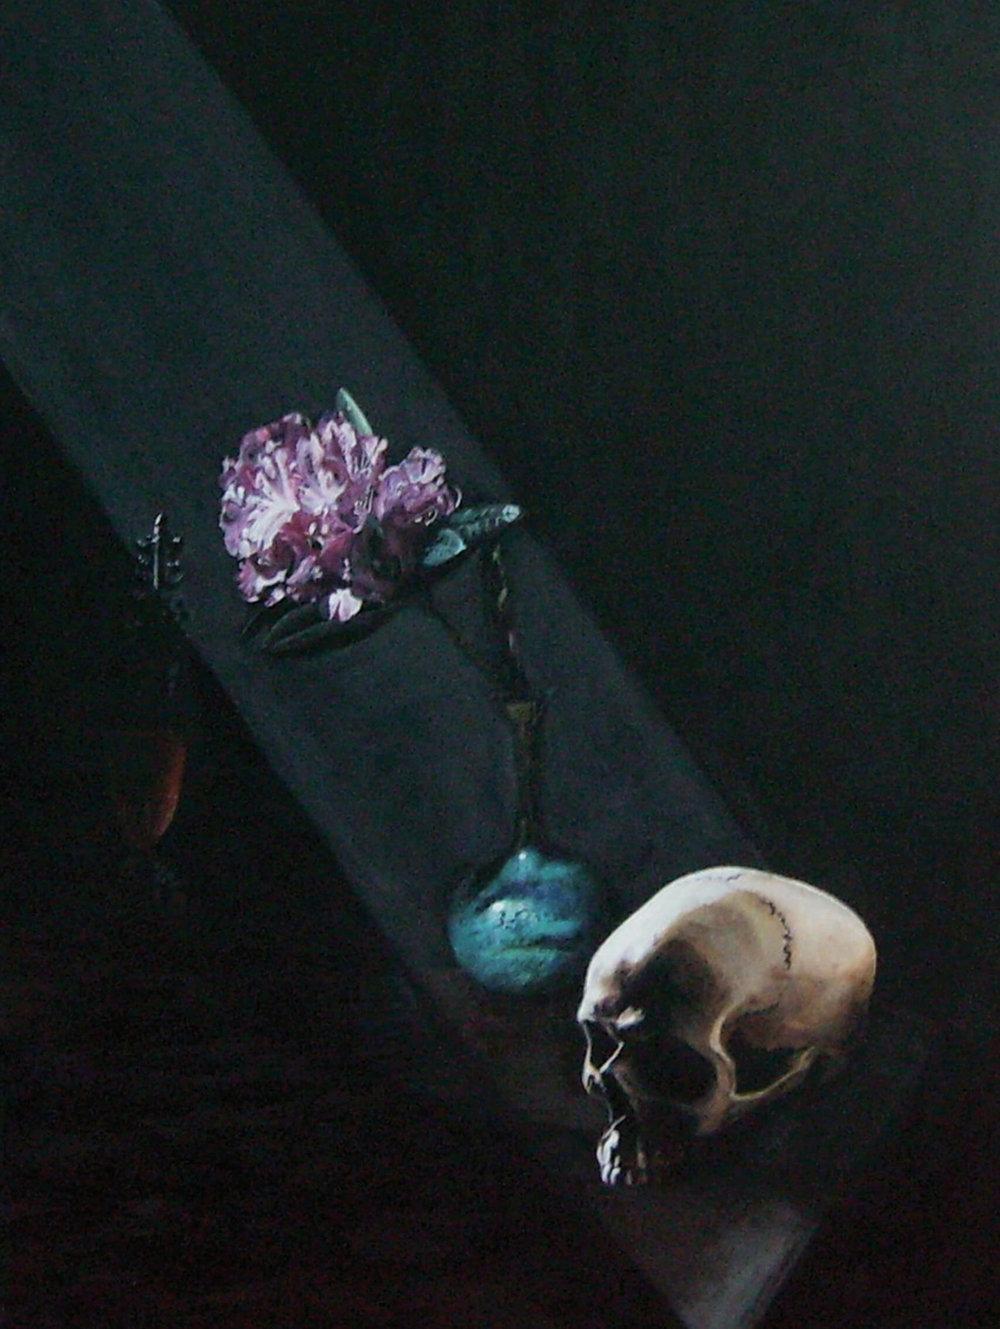 All in Silence, 70 cm x 50 cm x 4 cm, signiert auf der Rückseite, 2012, Unikat, 1000,- Euro